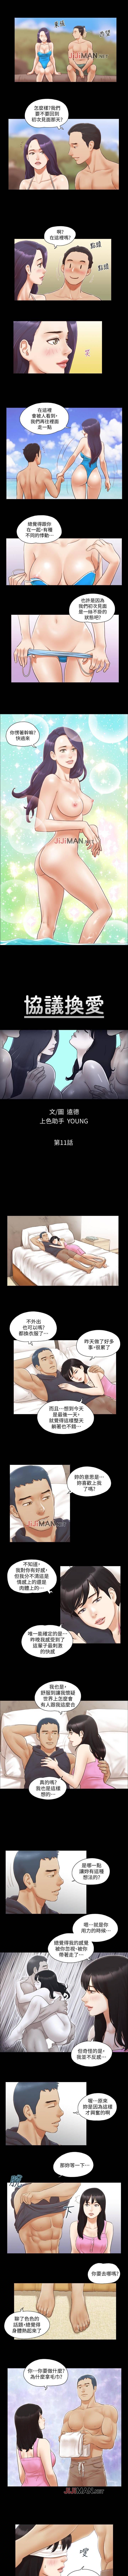 【周五连载】协议换爱(作者:遠德) 第1~62话 45